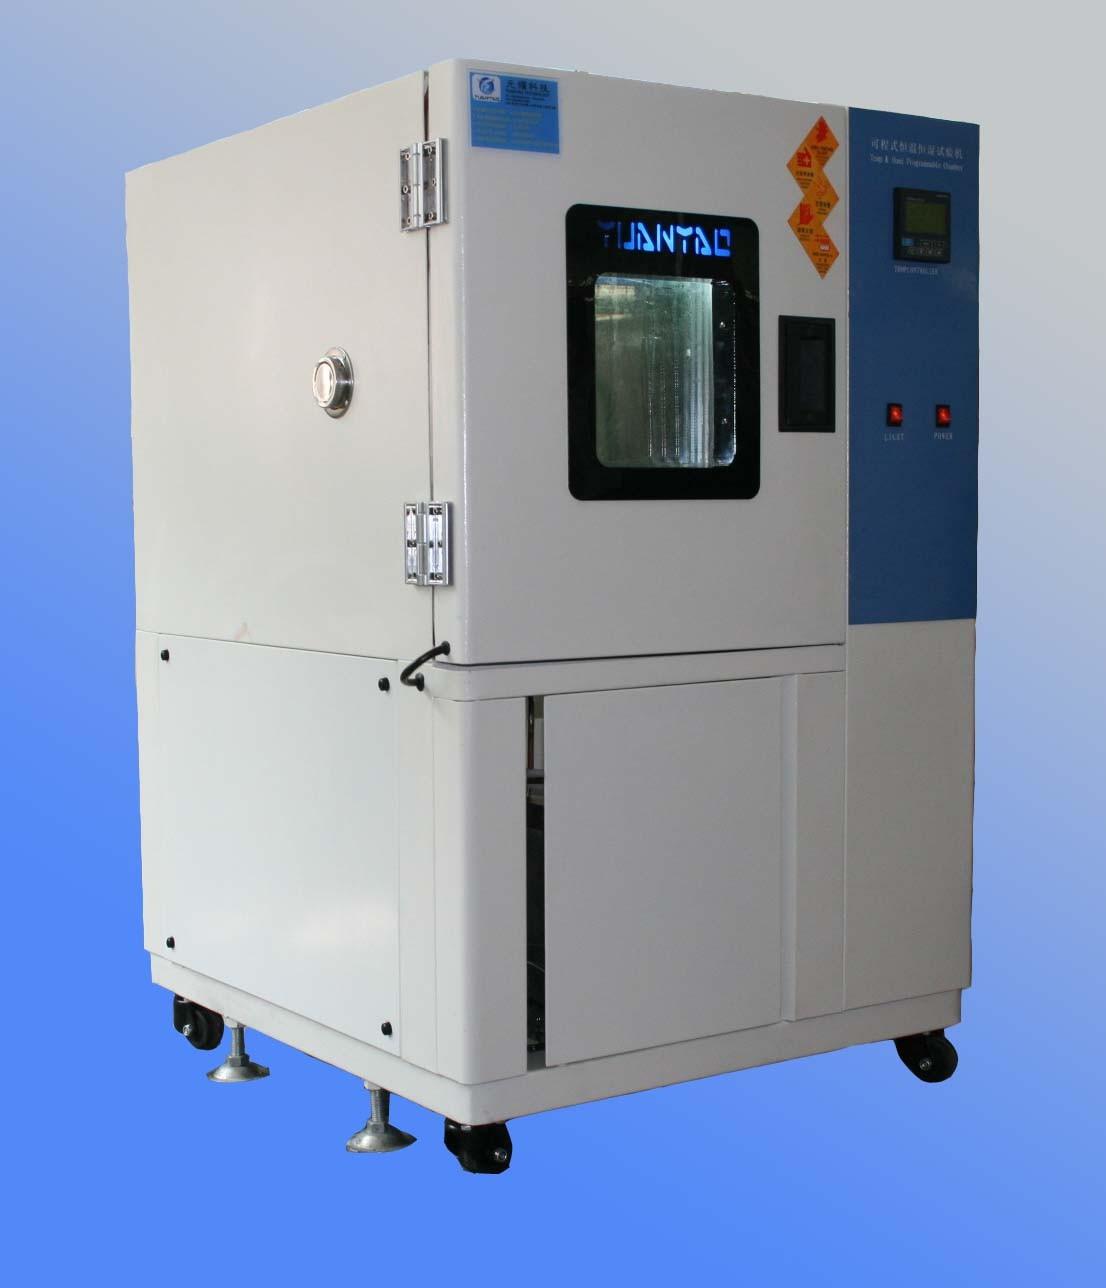 深圳单点式恒温恒湿箱 东莞单点式恒温恒湿机价格及规格型号